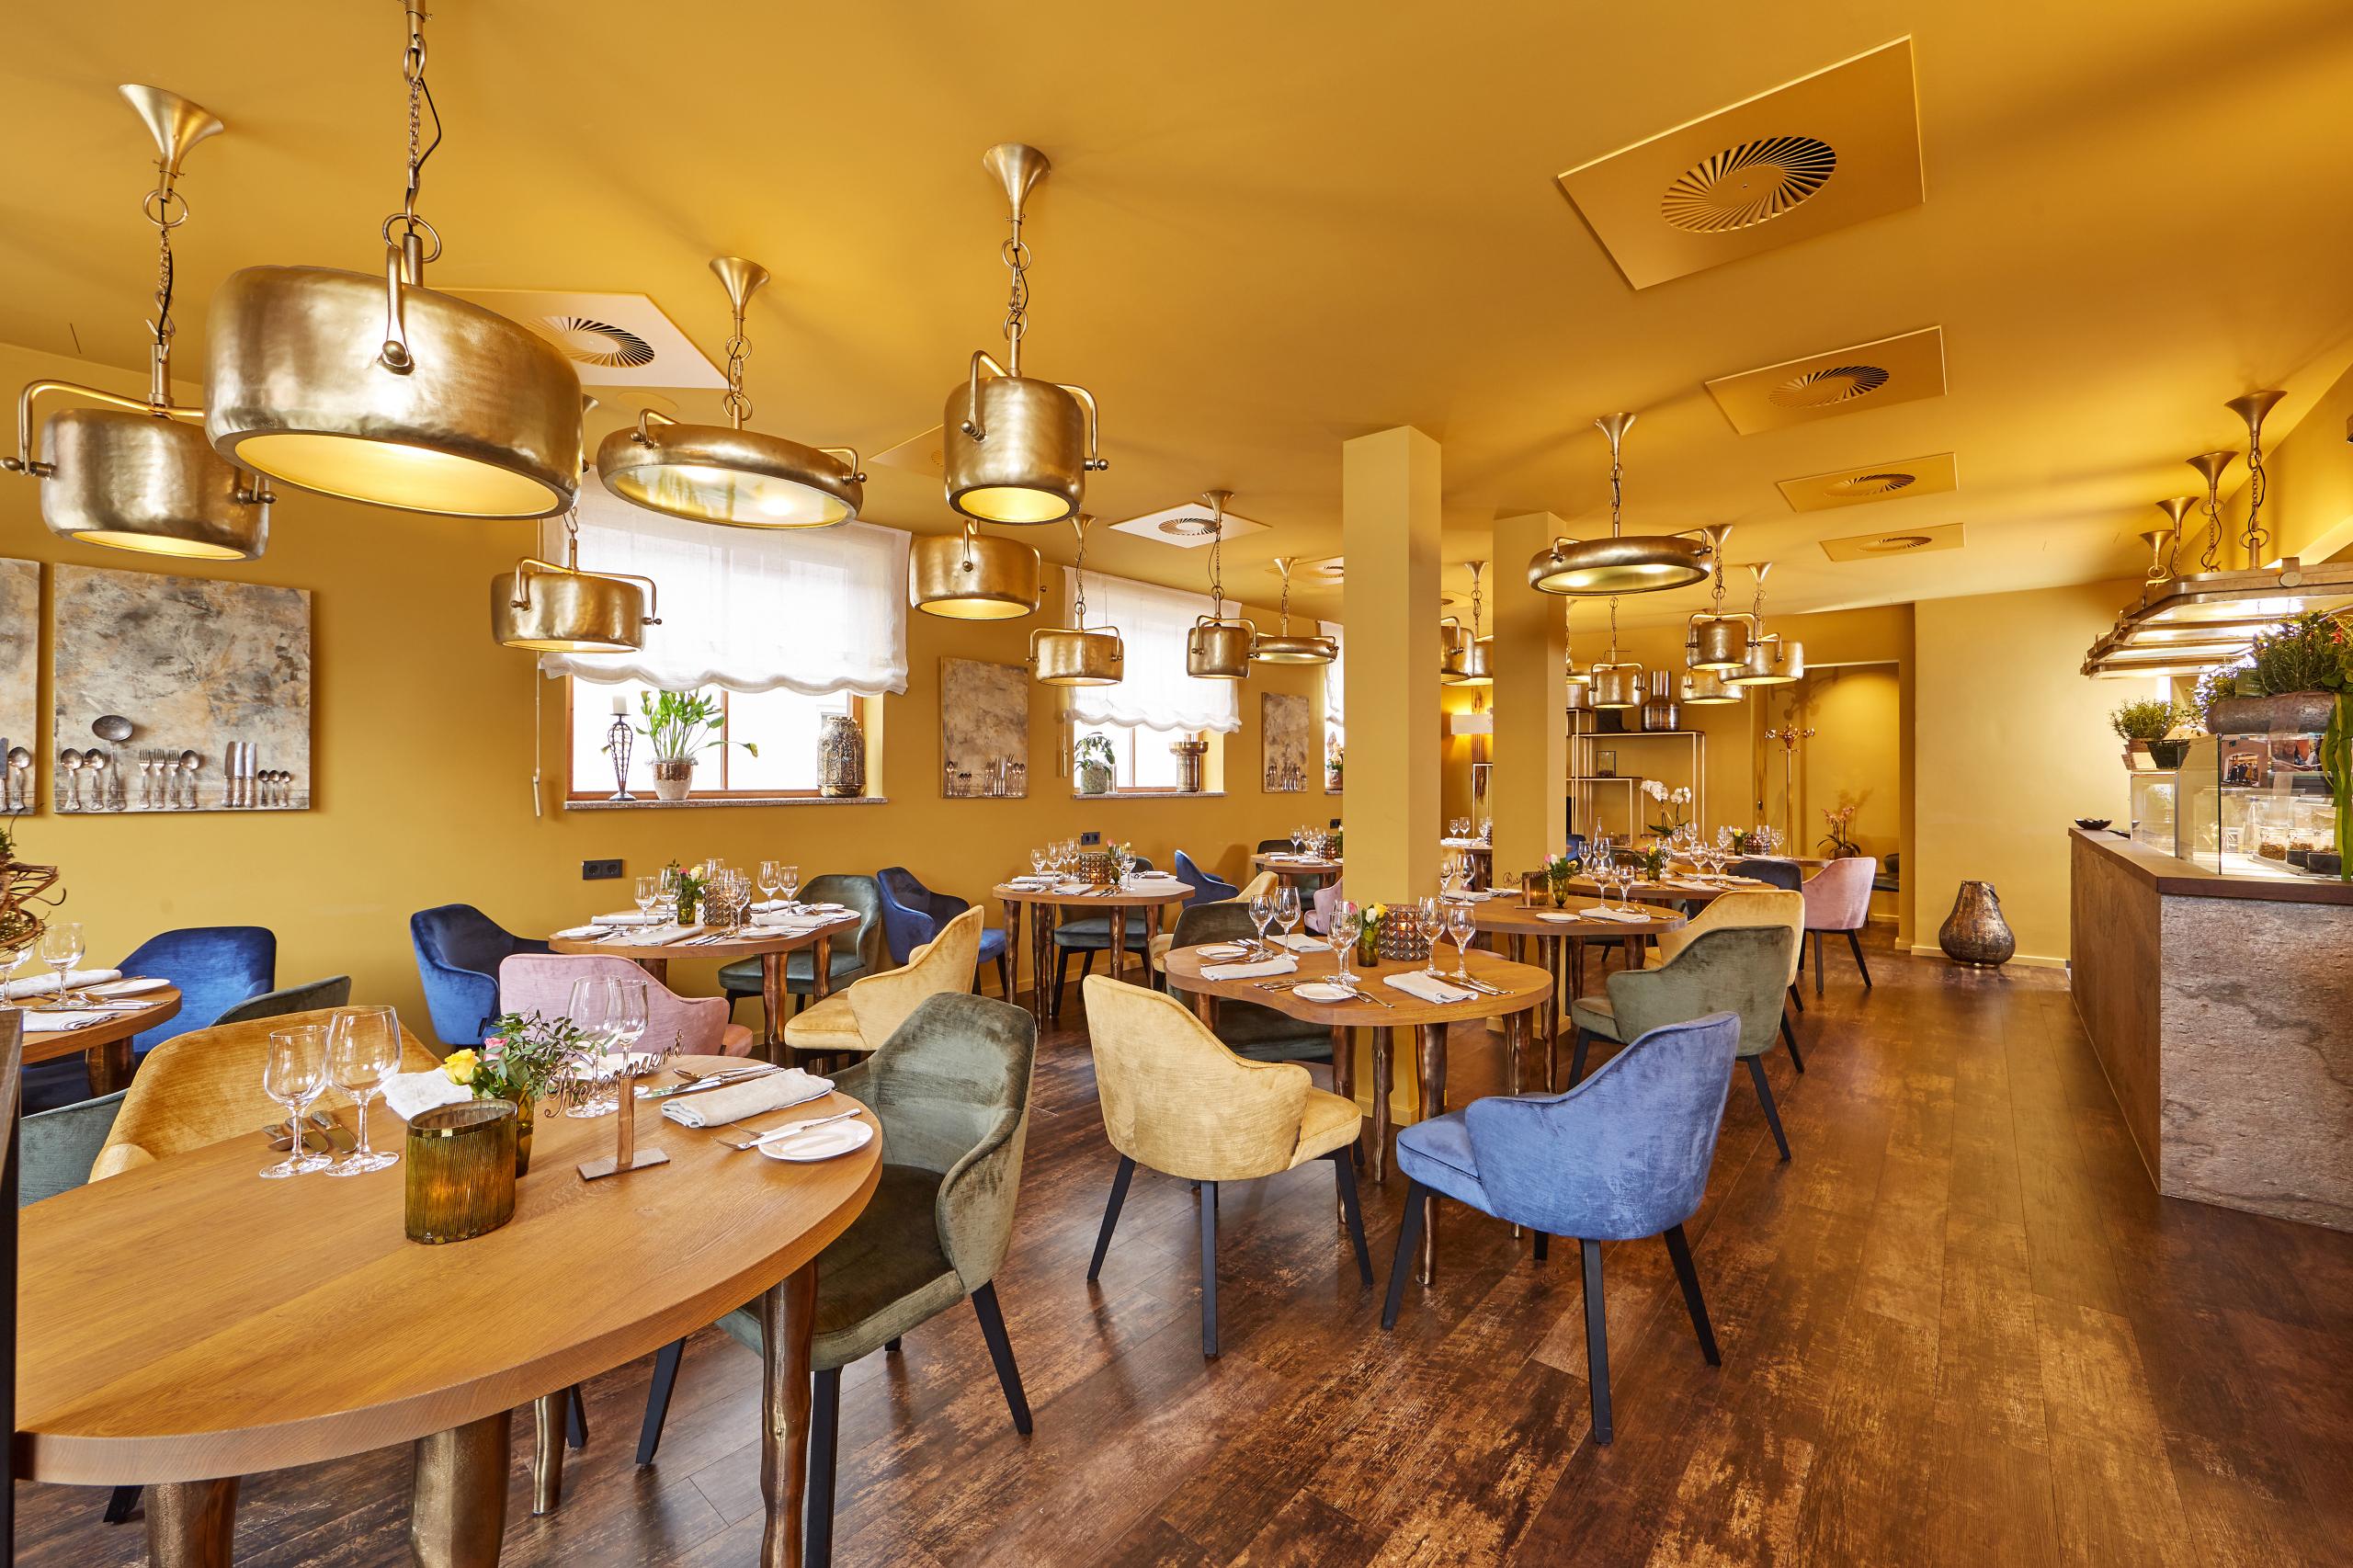 4Eck Restaurant Garmisch-Partenkirchen Innenansicht